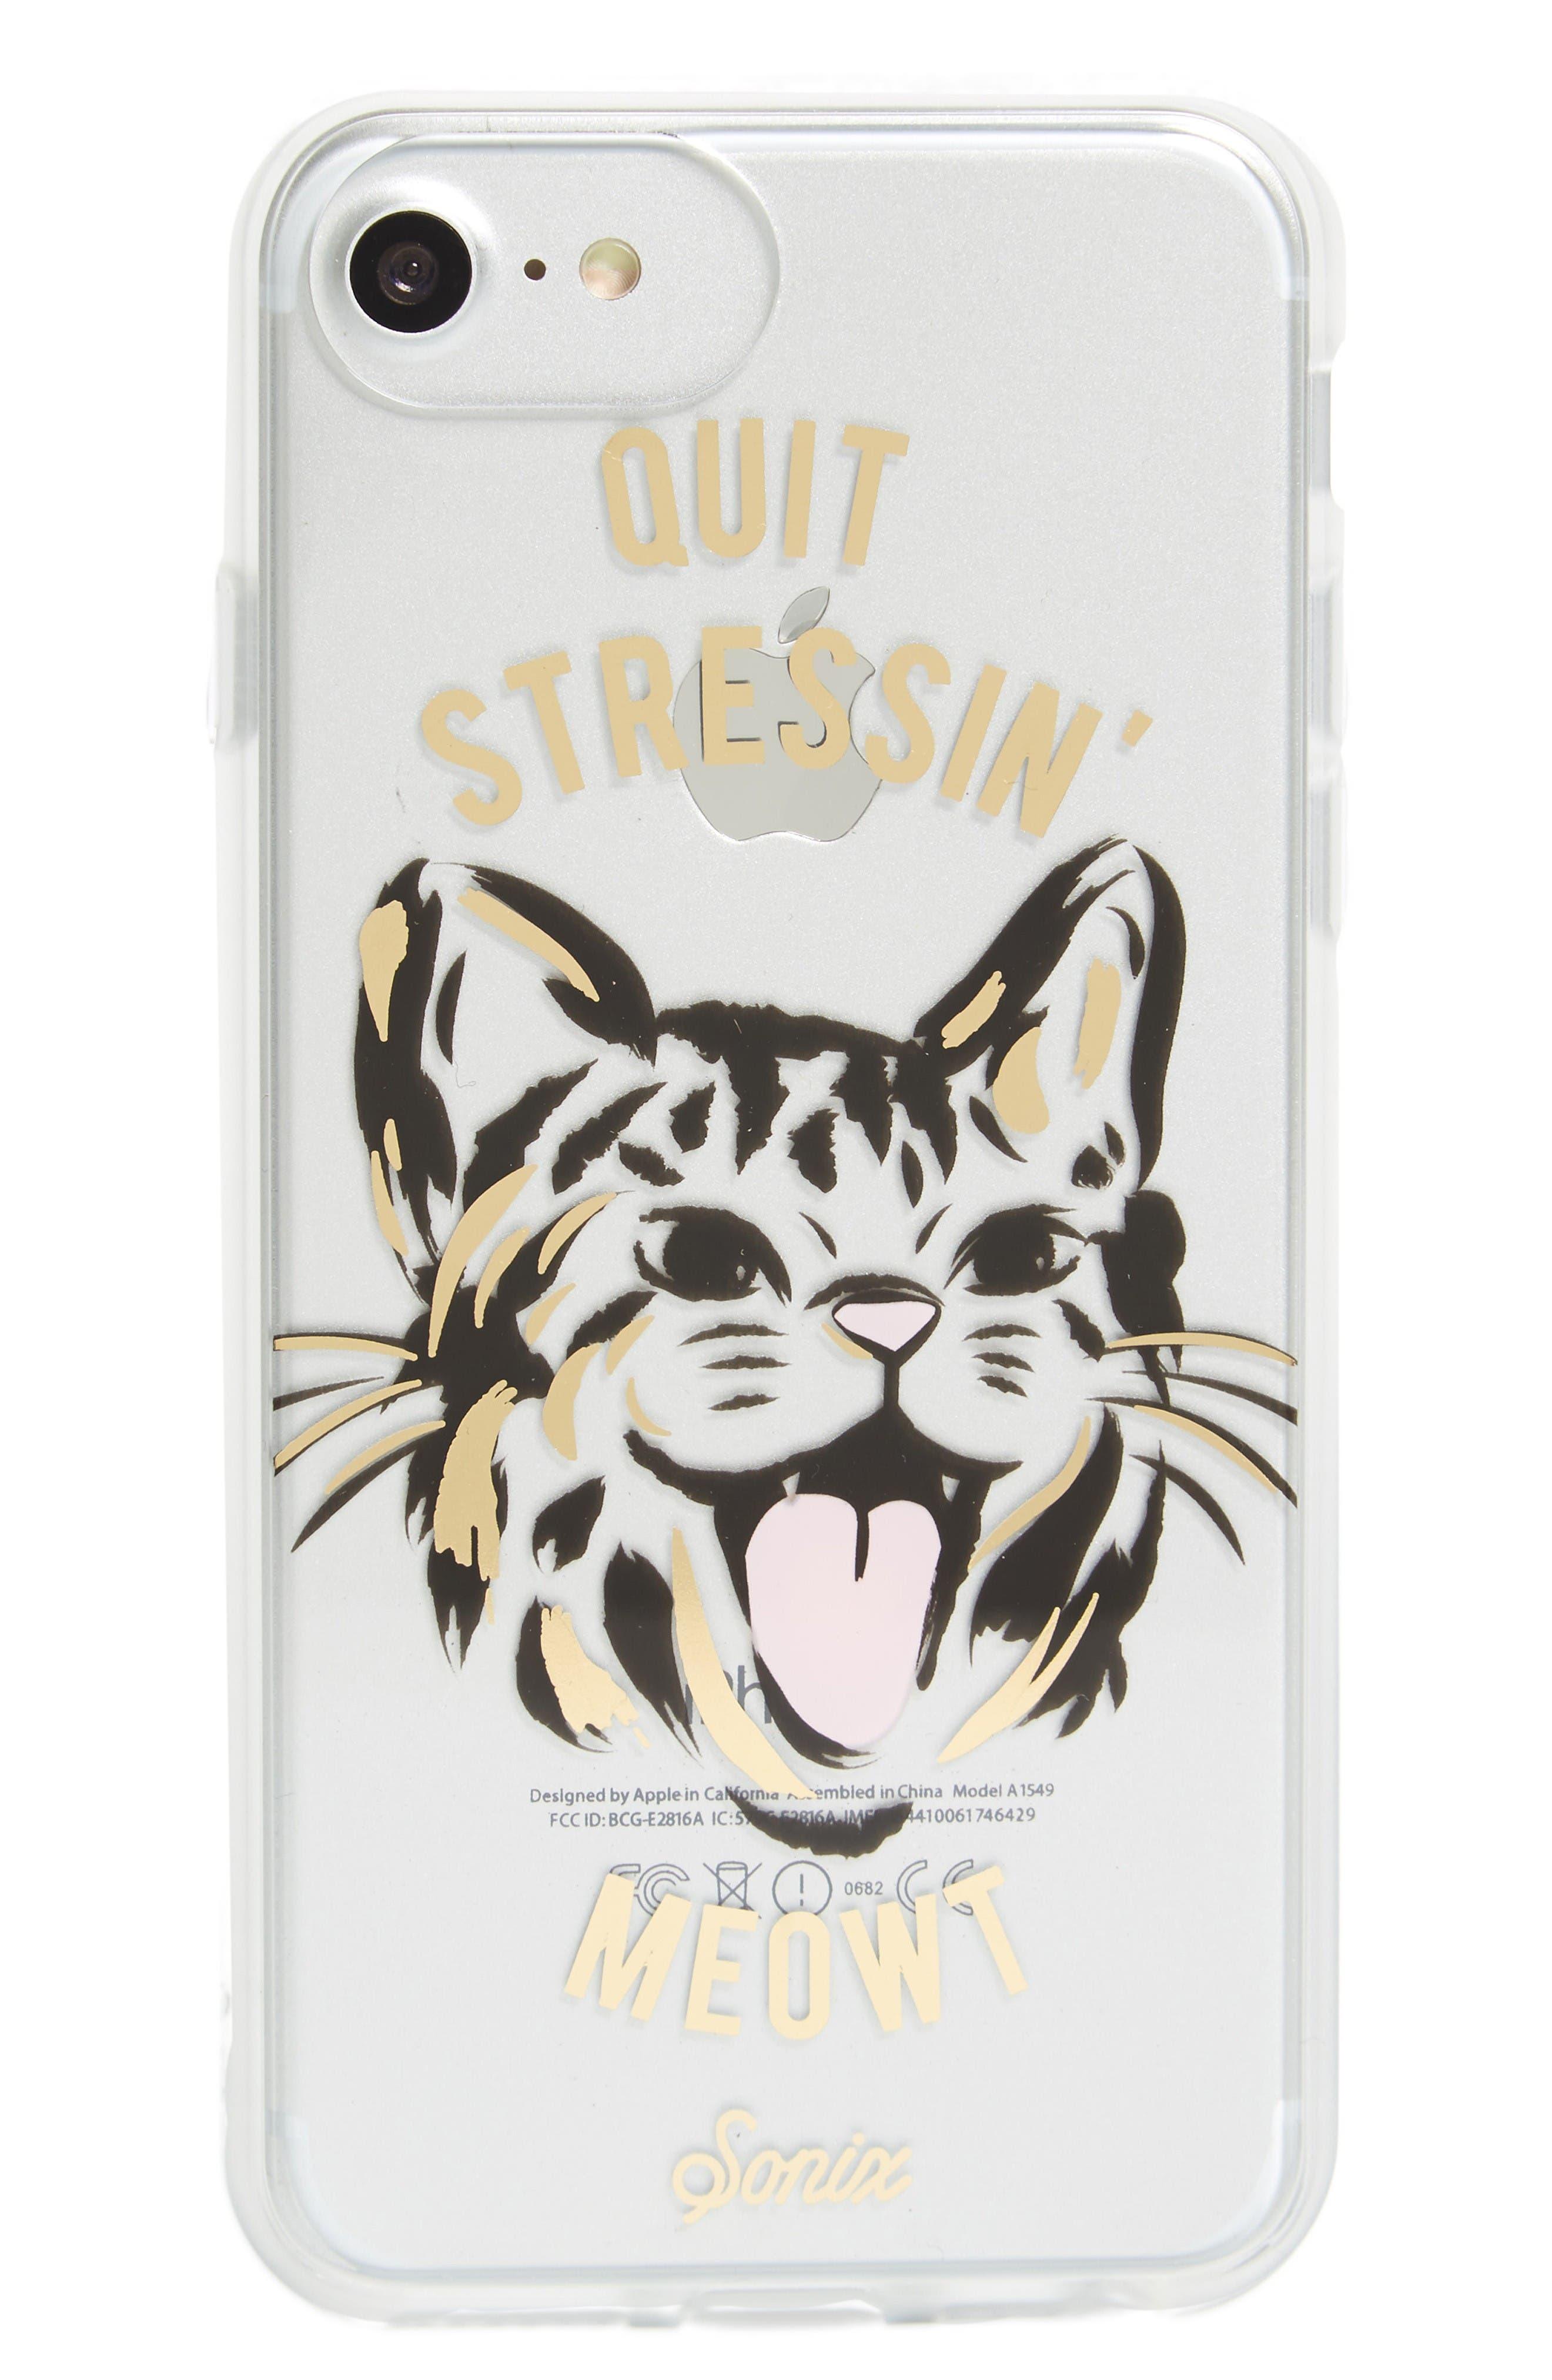 SONIX Quit Stressin Meowt iPhone 6/7 & 6/7 Plus Case